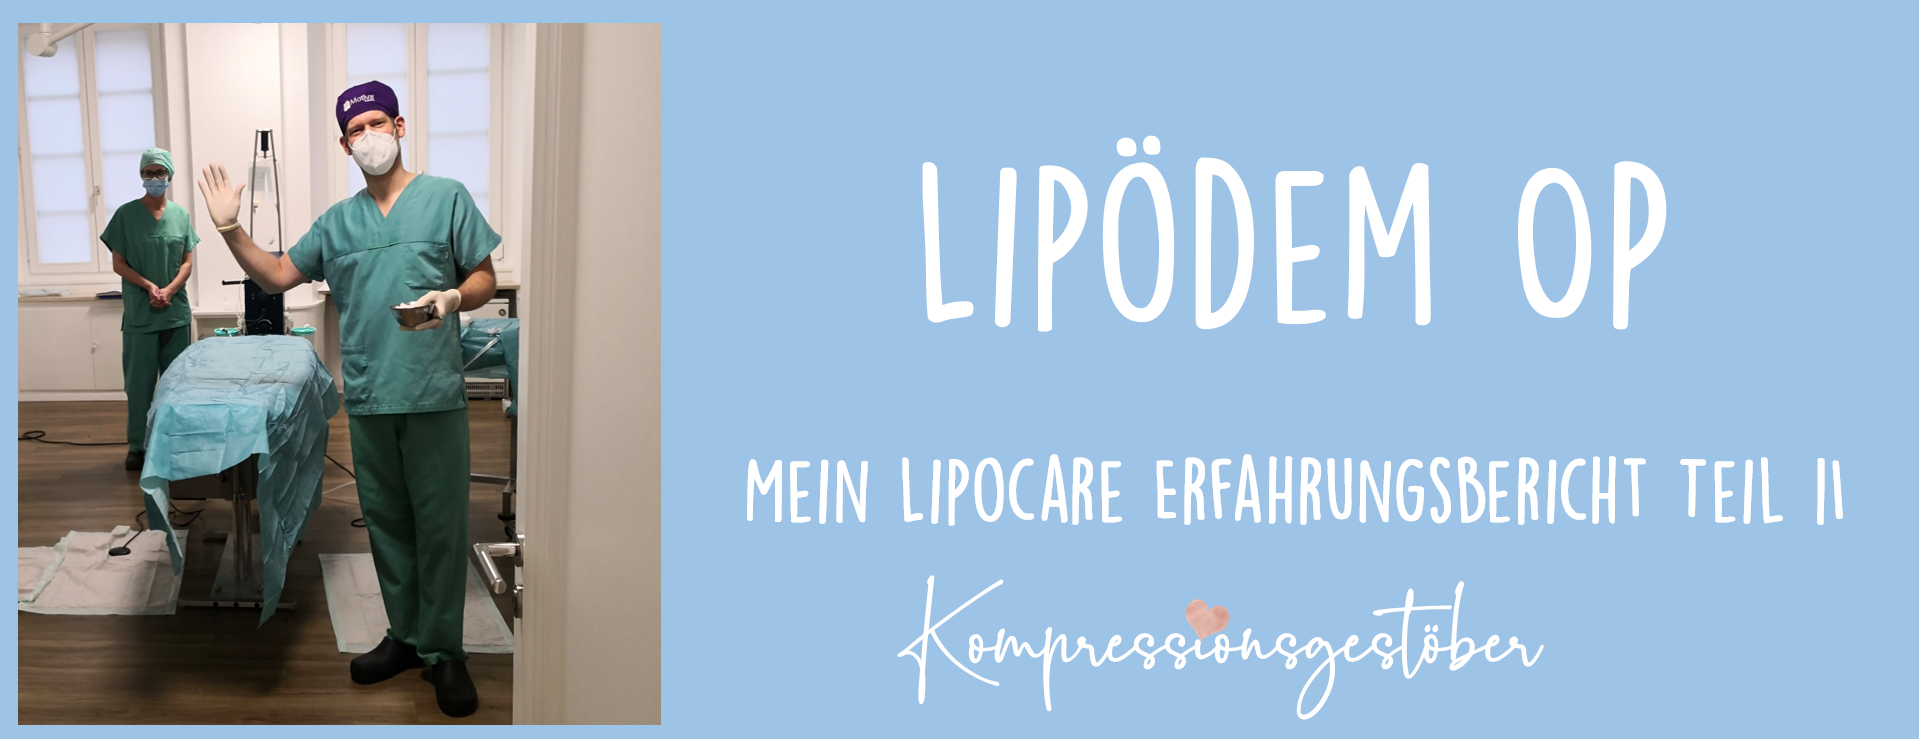 Lipödem OP - Mein Lipocare Erfahrungsbericht